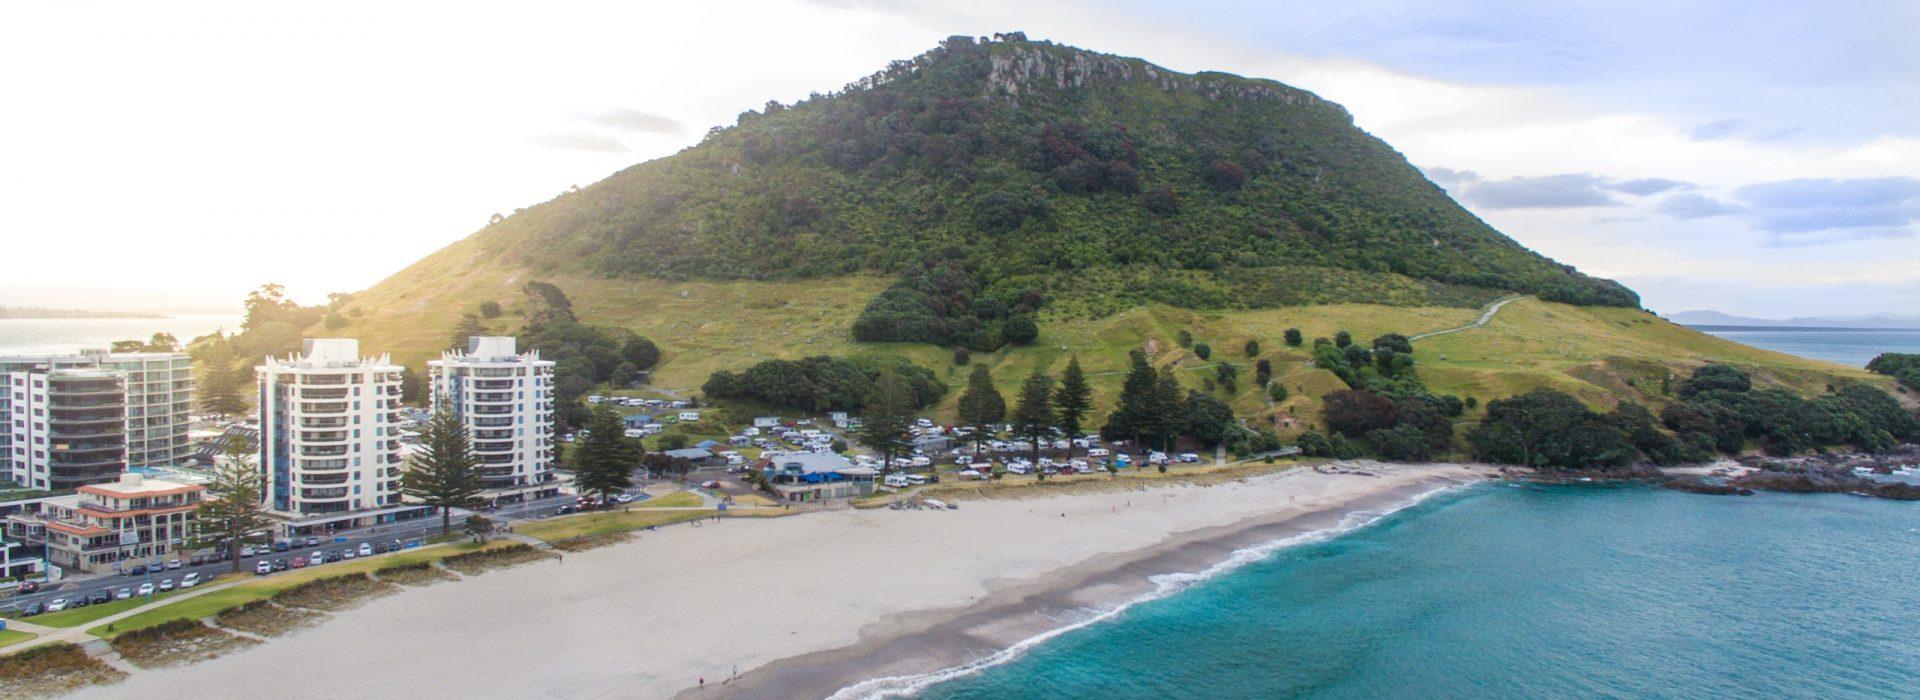 Mount Maunganui, Tauranga